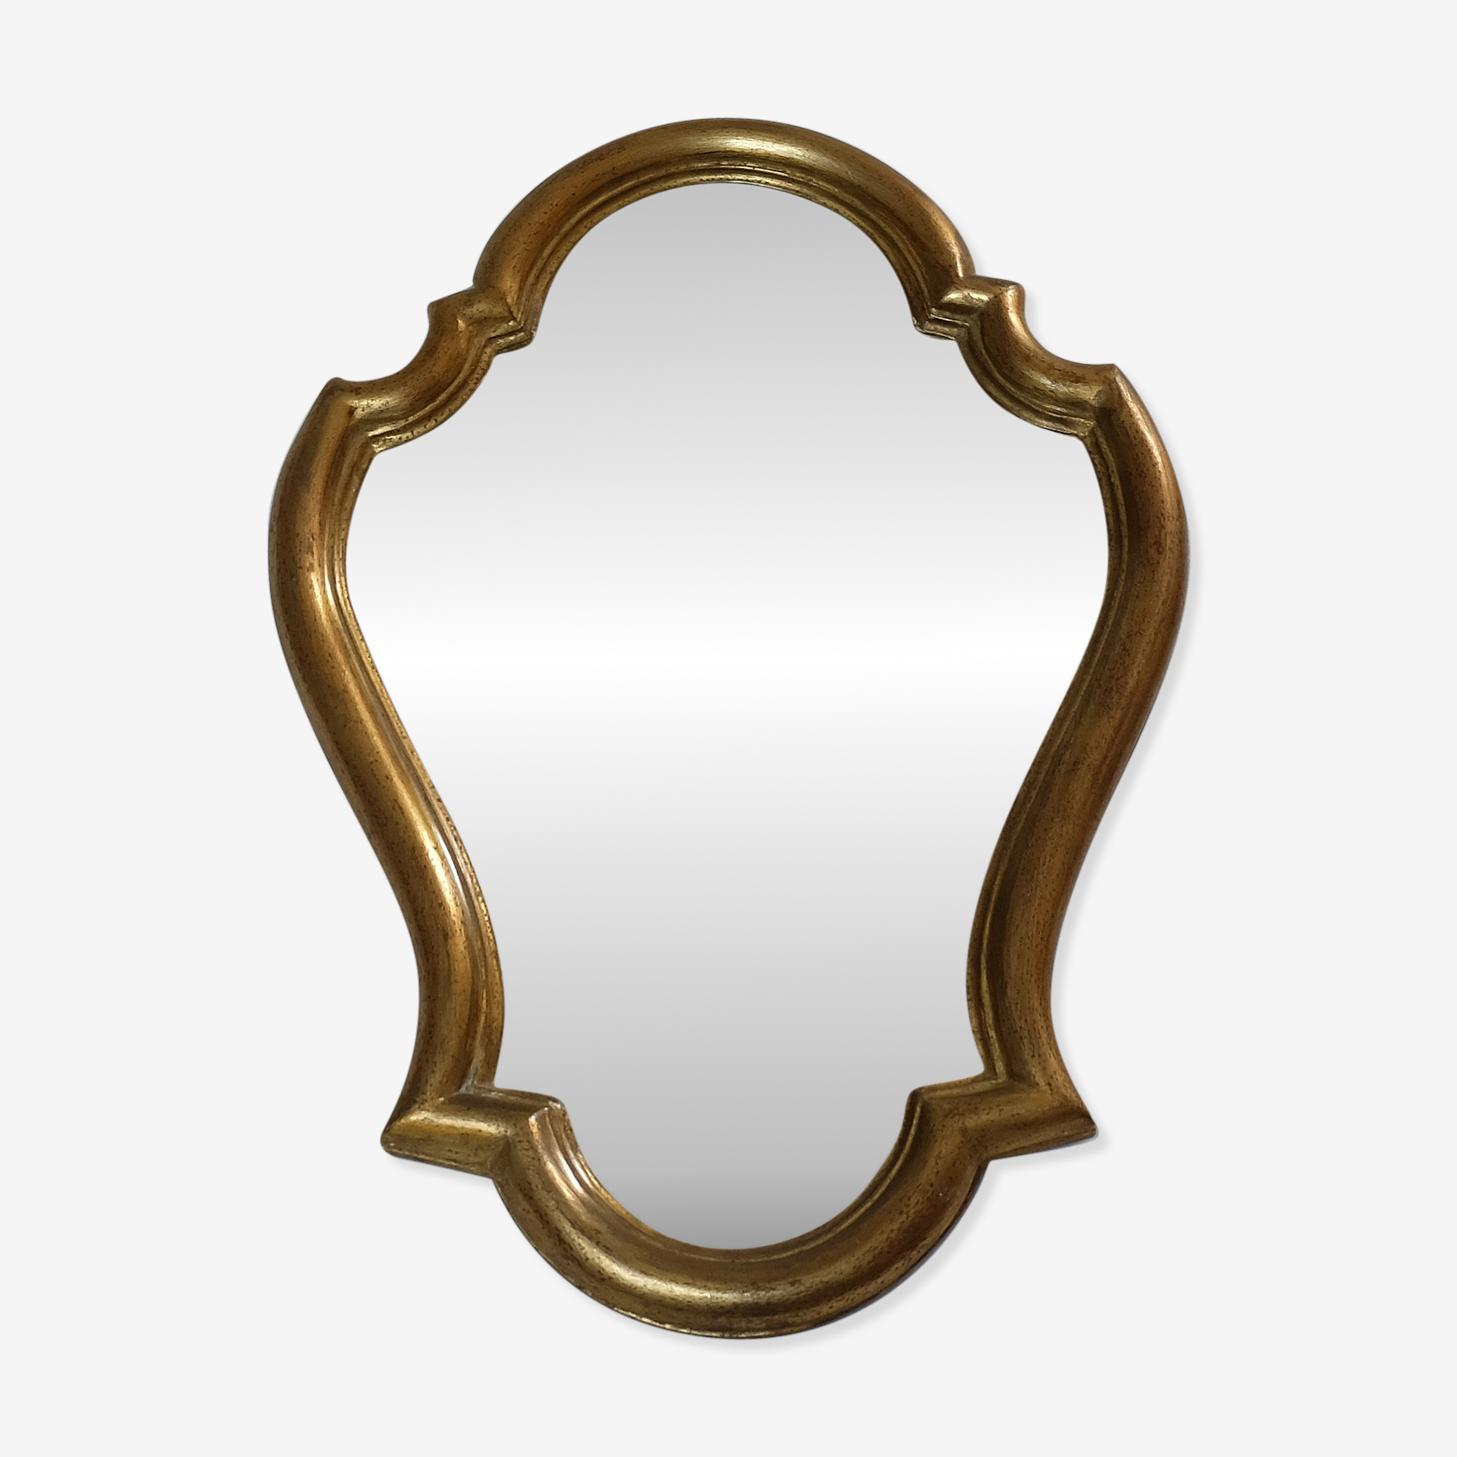 19th Golden mirror 49x34cm